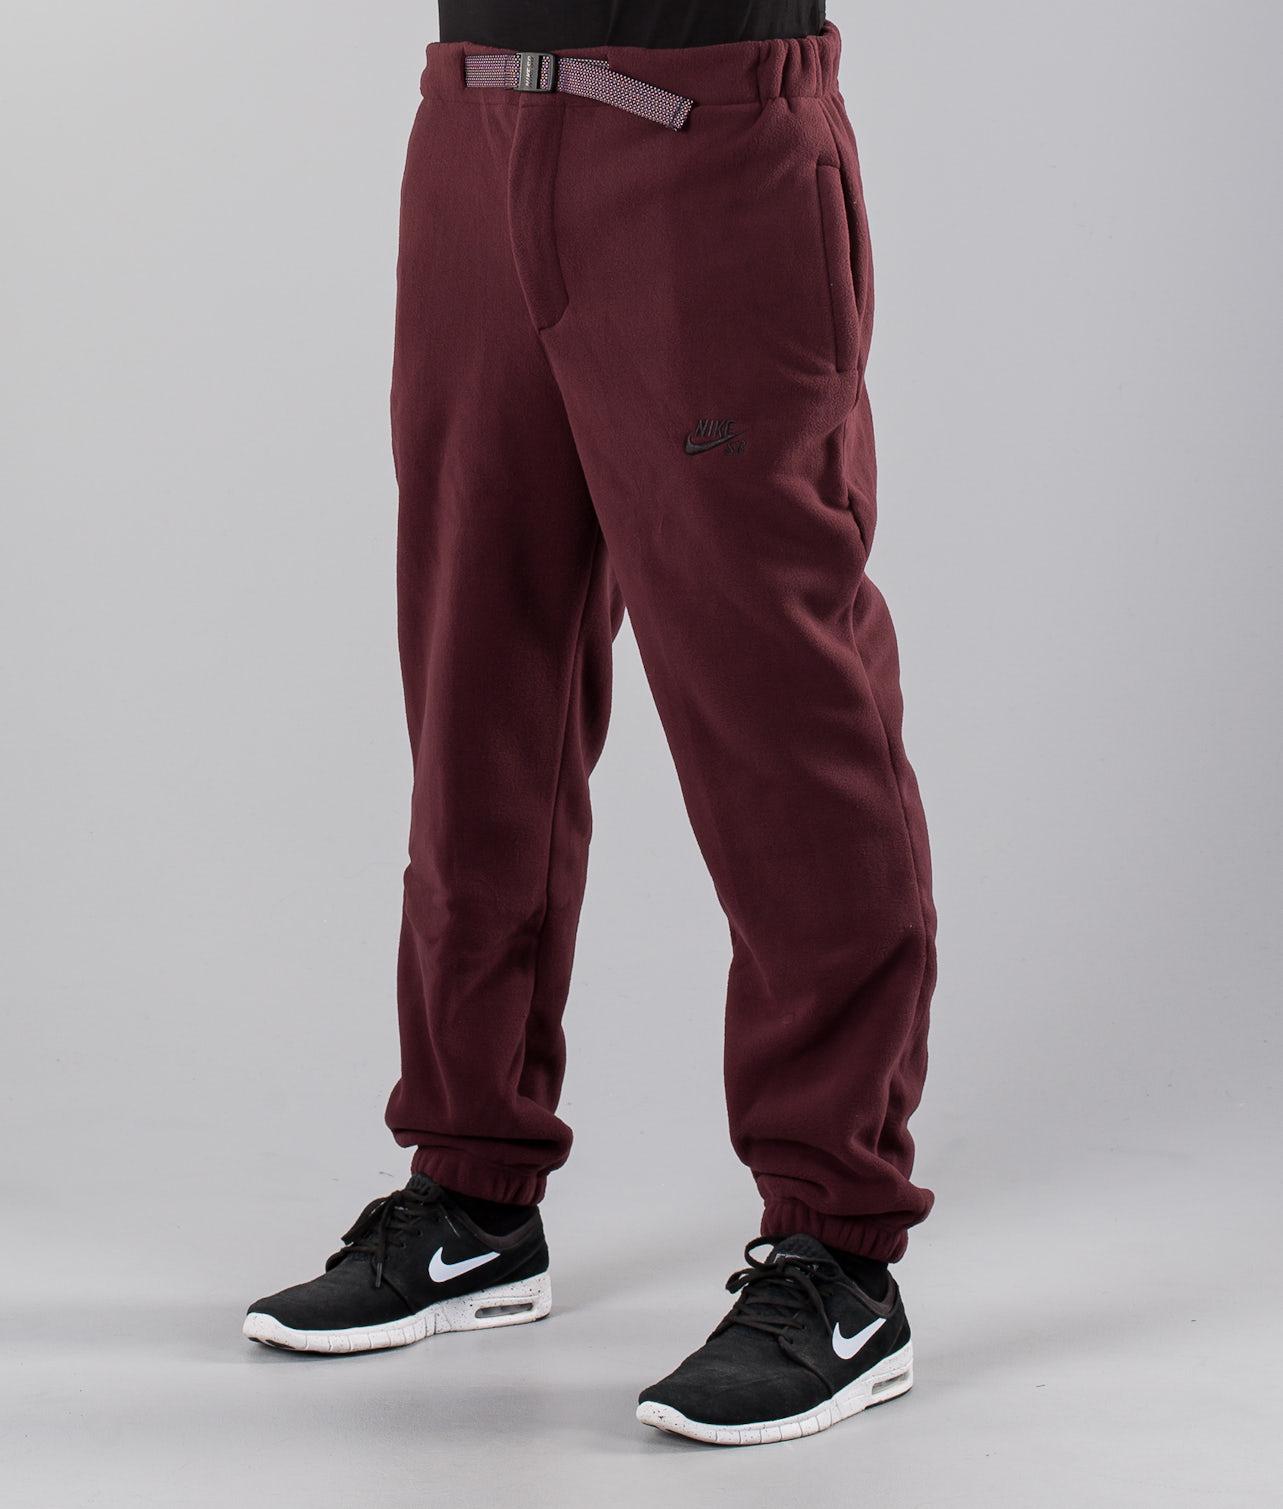 Kjøp Sb Polartec Bukser fra Nike på Ridestore.no - Hos oss har du alltid fri frakt, fri retur og 30 dagers åpent kjøp!